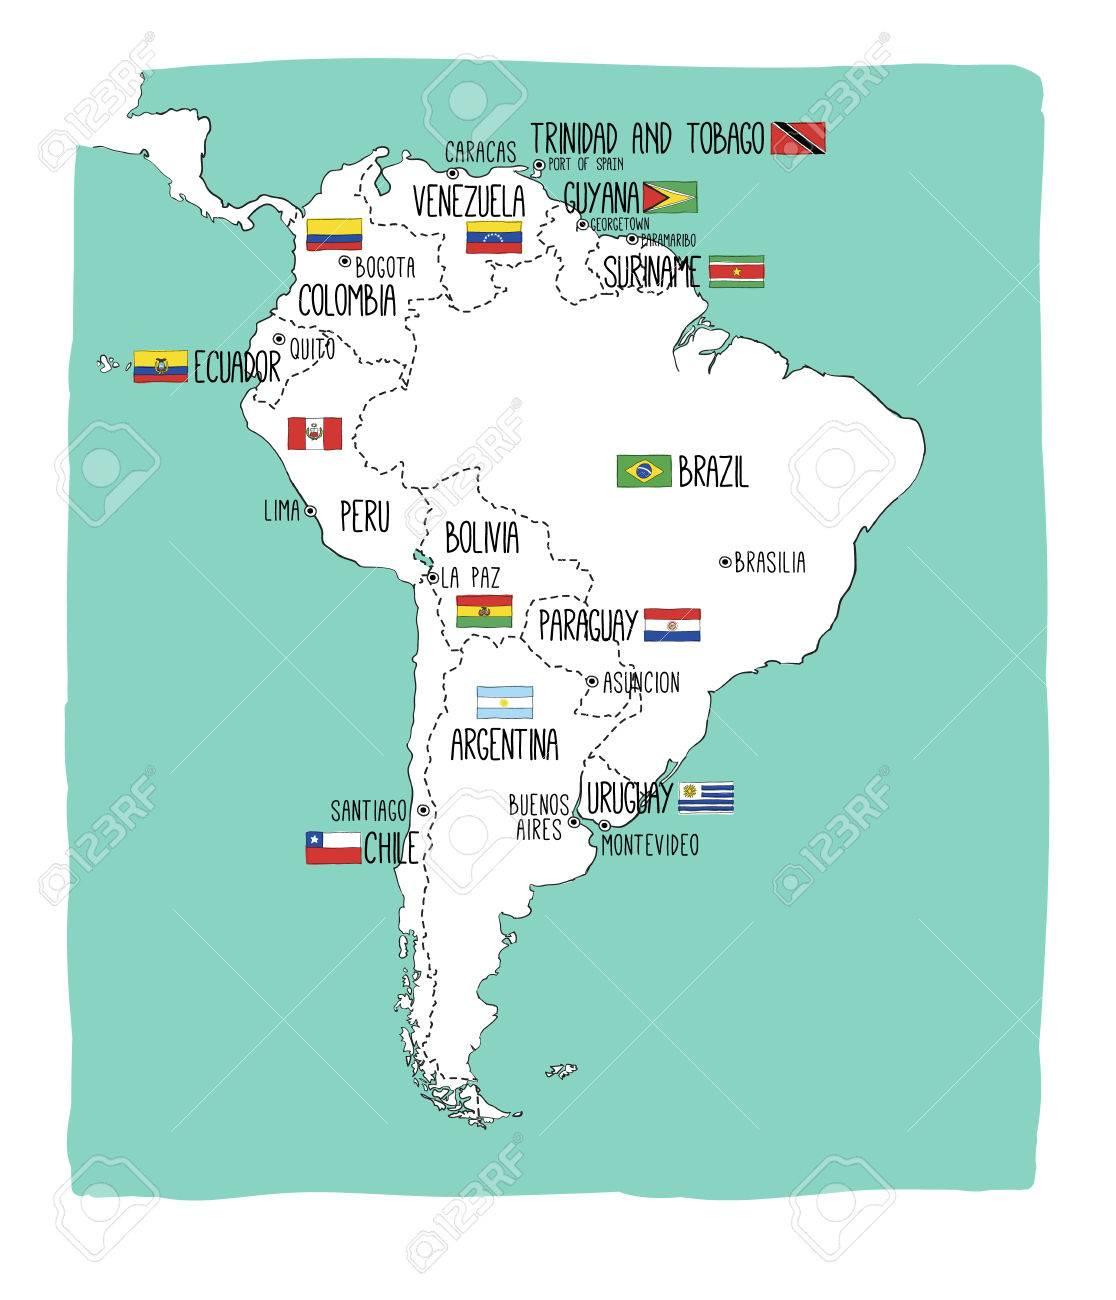 Une Carte De Lamerique Du Sud.Carte Vectorielle Dessine De Main De L Amerique Du Sud Avec Des Drapeaux Elements Differents Couches Parfait Pour L Infographie Comprend Le Bresil